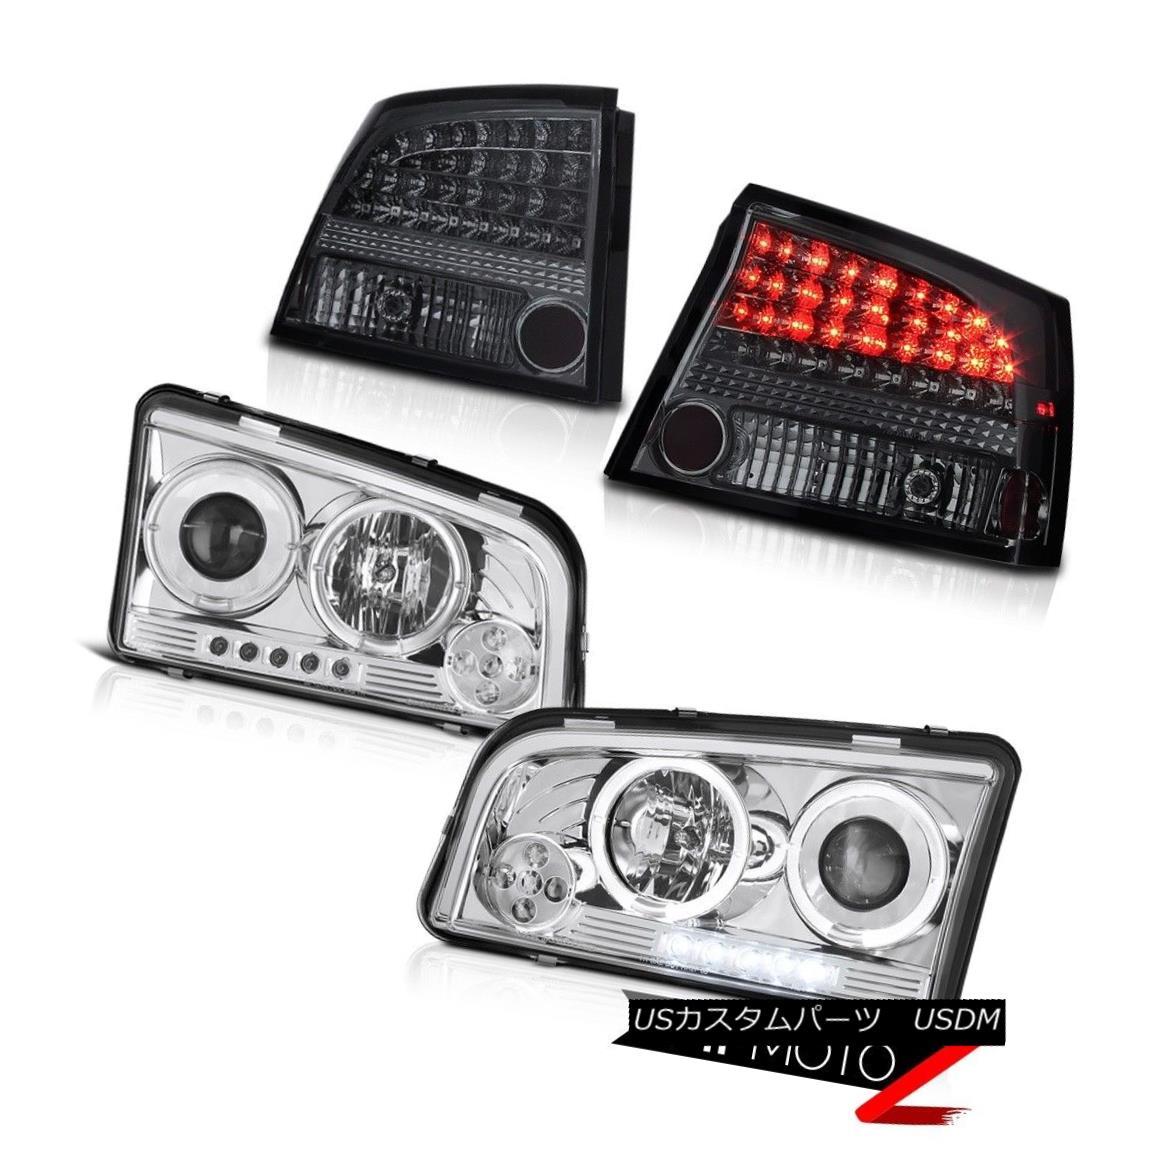 ヘッドライト 2009-2010 Charger Hemi [Euro Halo Angel] Chrome LED Headlights Tail Light Tinted 2009-2010充電器Hemi [ユーロハローエンジェル]クロームLEDヘッドライトテールライトティンテッド